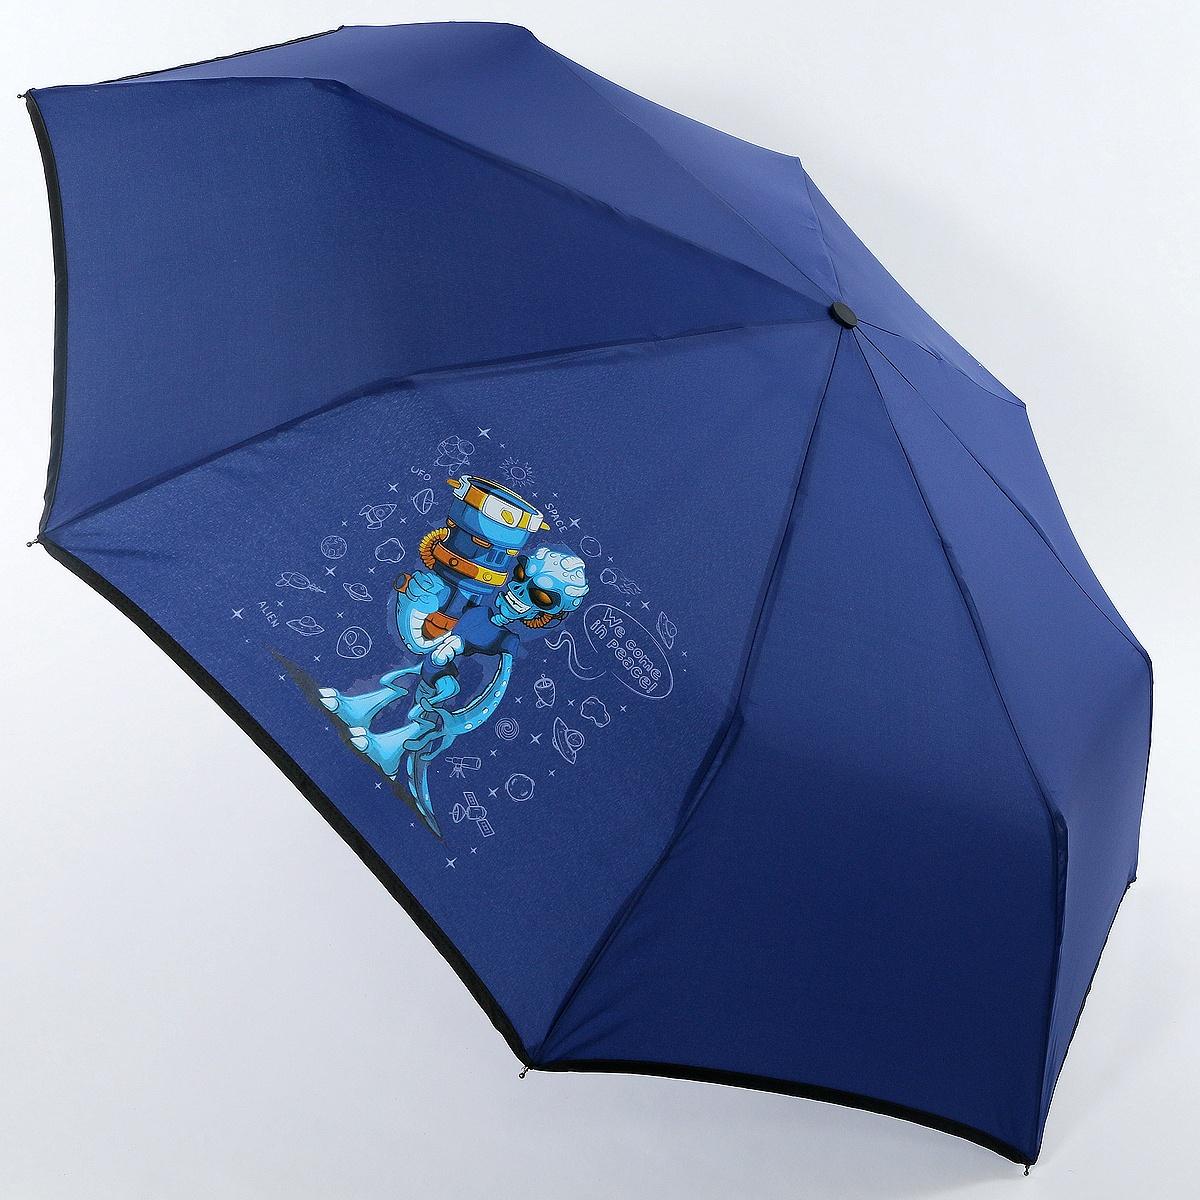 Зонт ArtRain арт.3517-1738, синий зонт artrain механический 3 сложения цвет синий 3517 1732